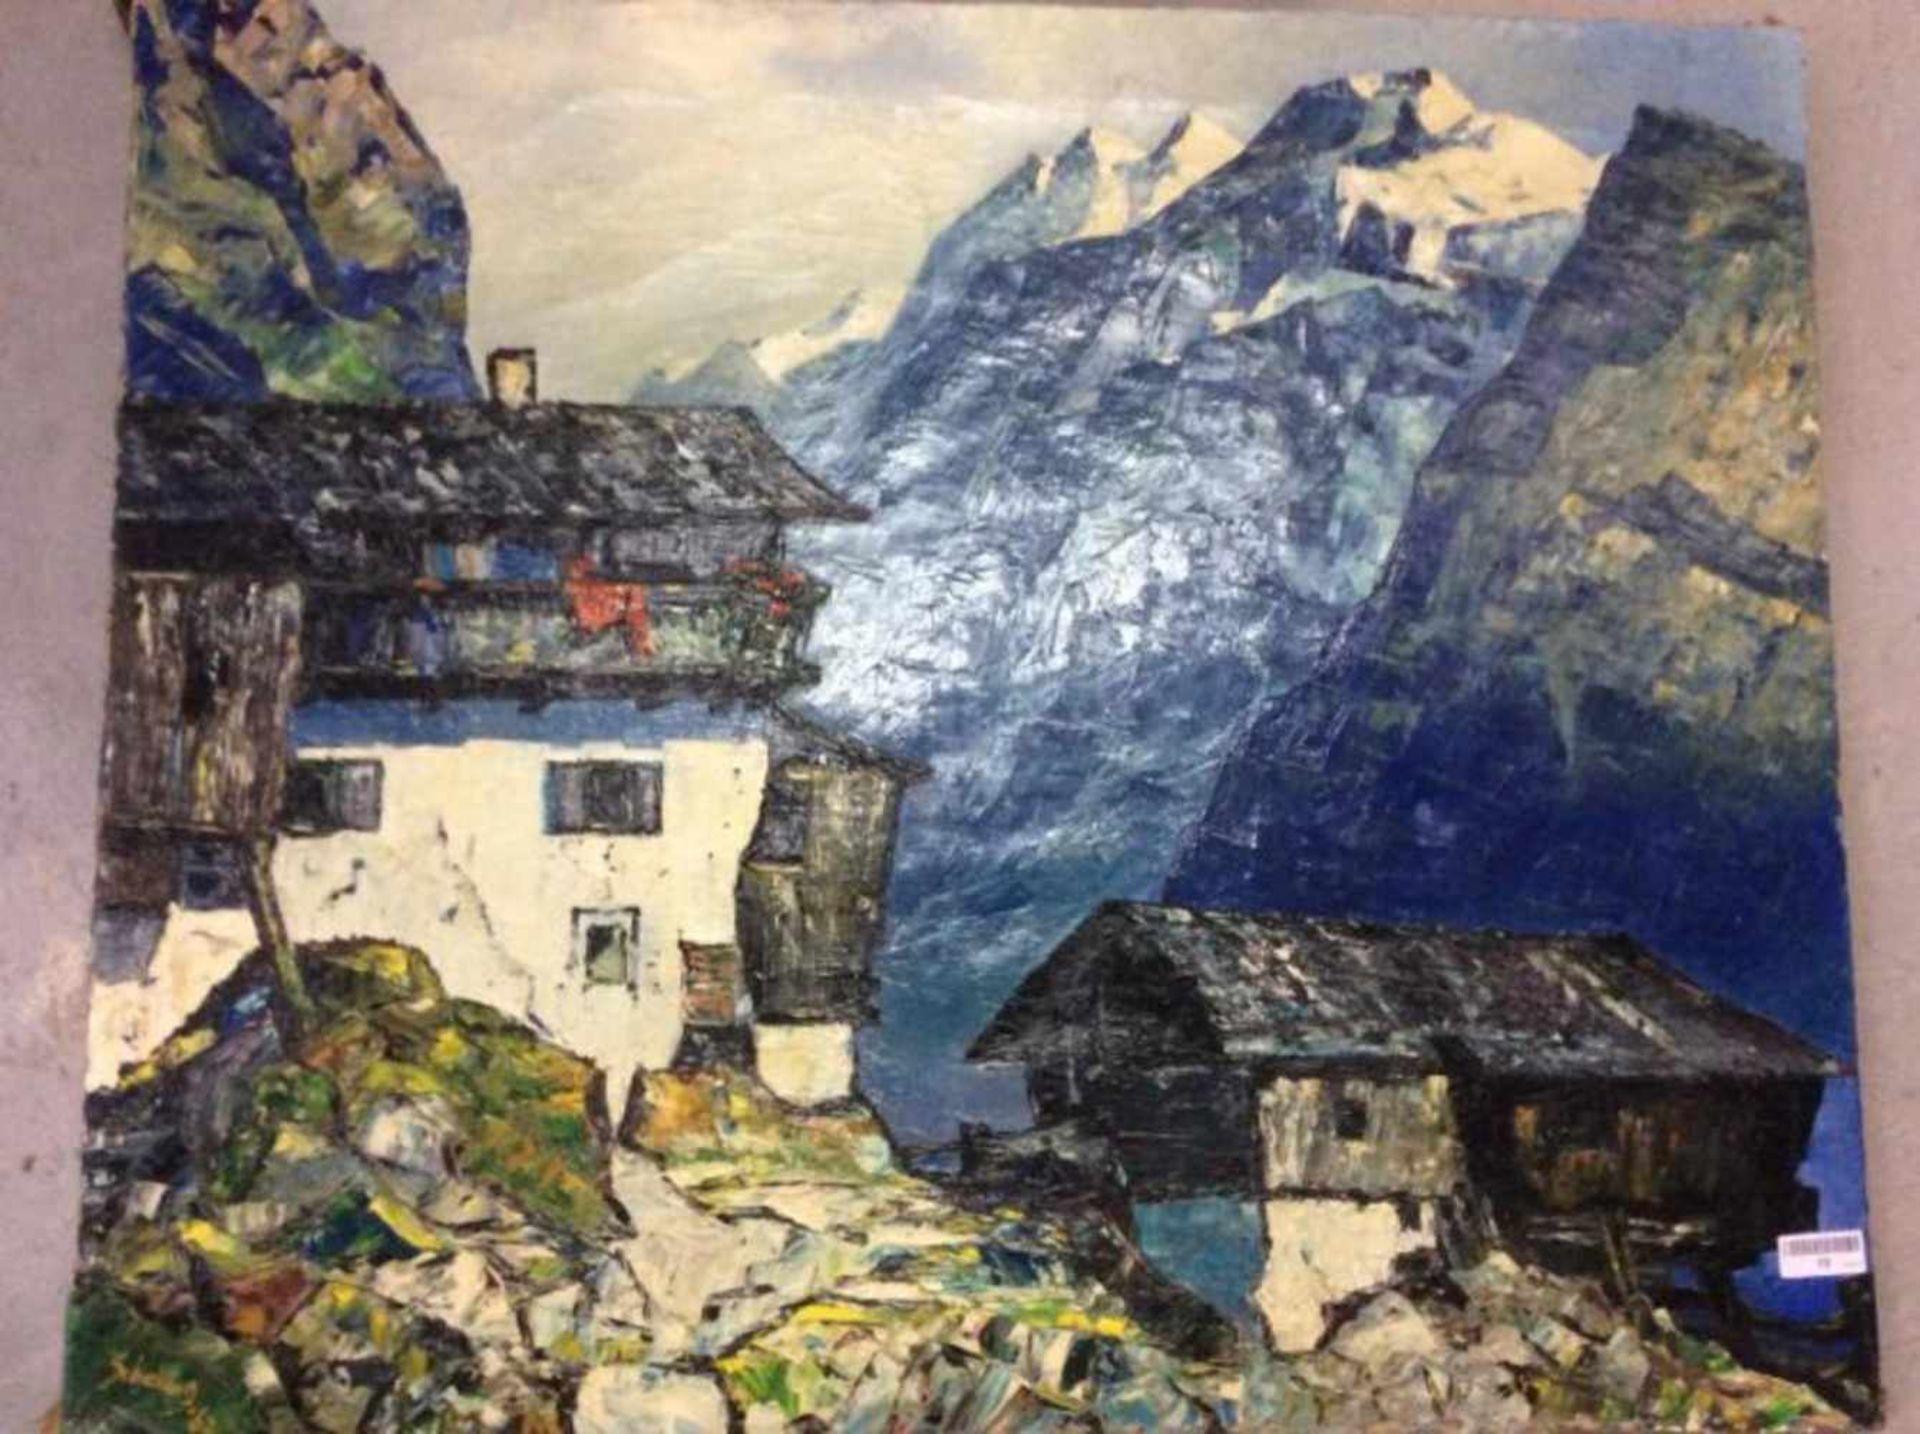 Schelling 'Huis in de bergen' schilderij op doek, 76x91 cm gedateerd 1962. (Modern painting, signed,